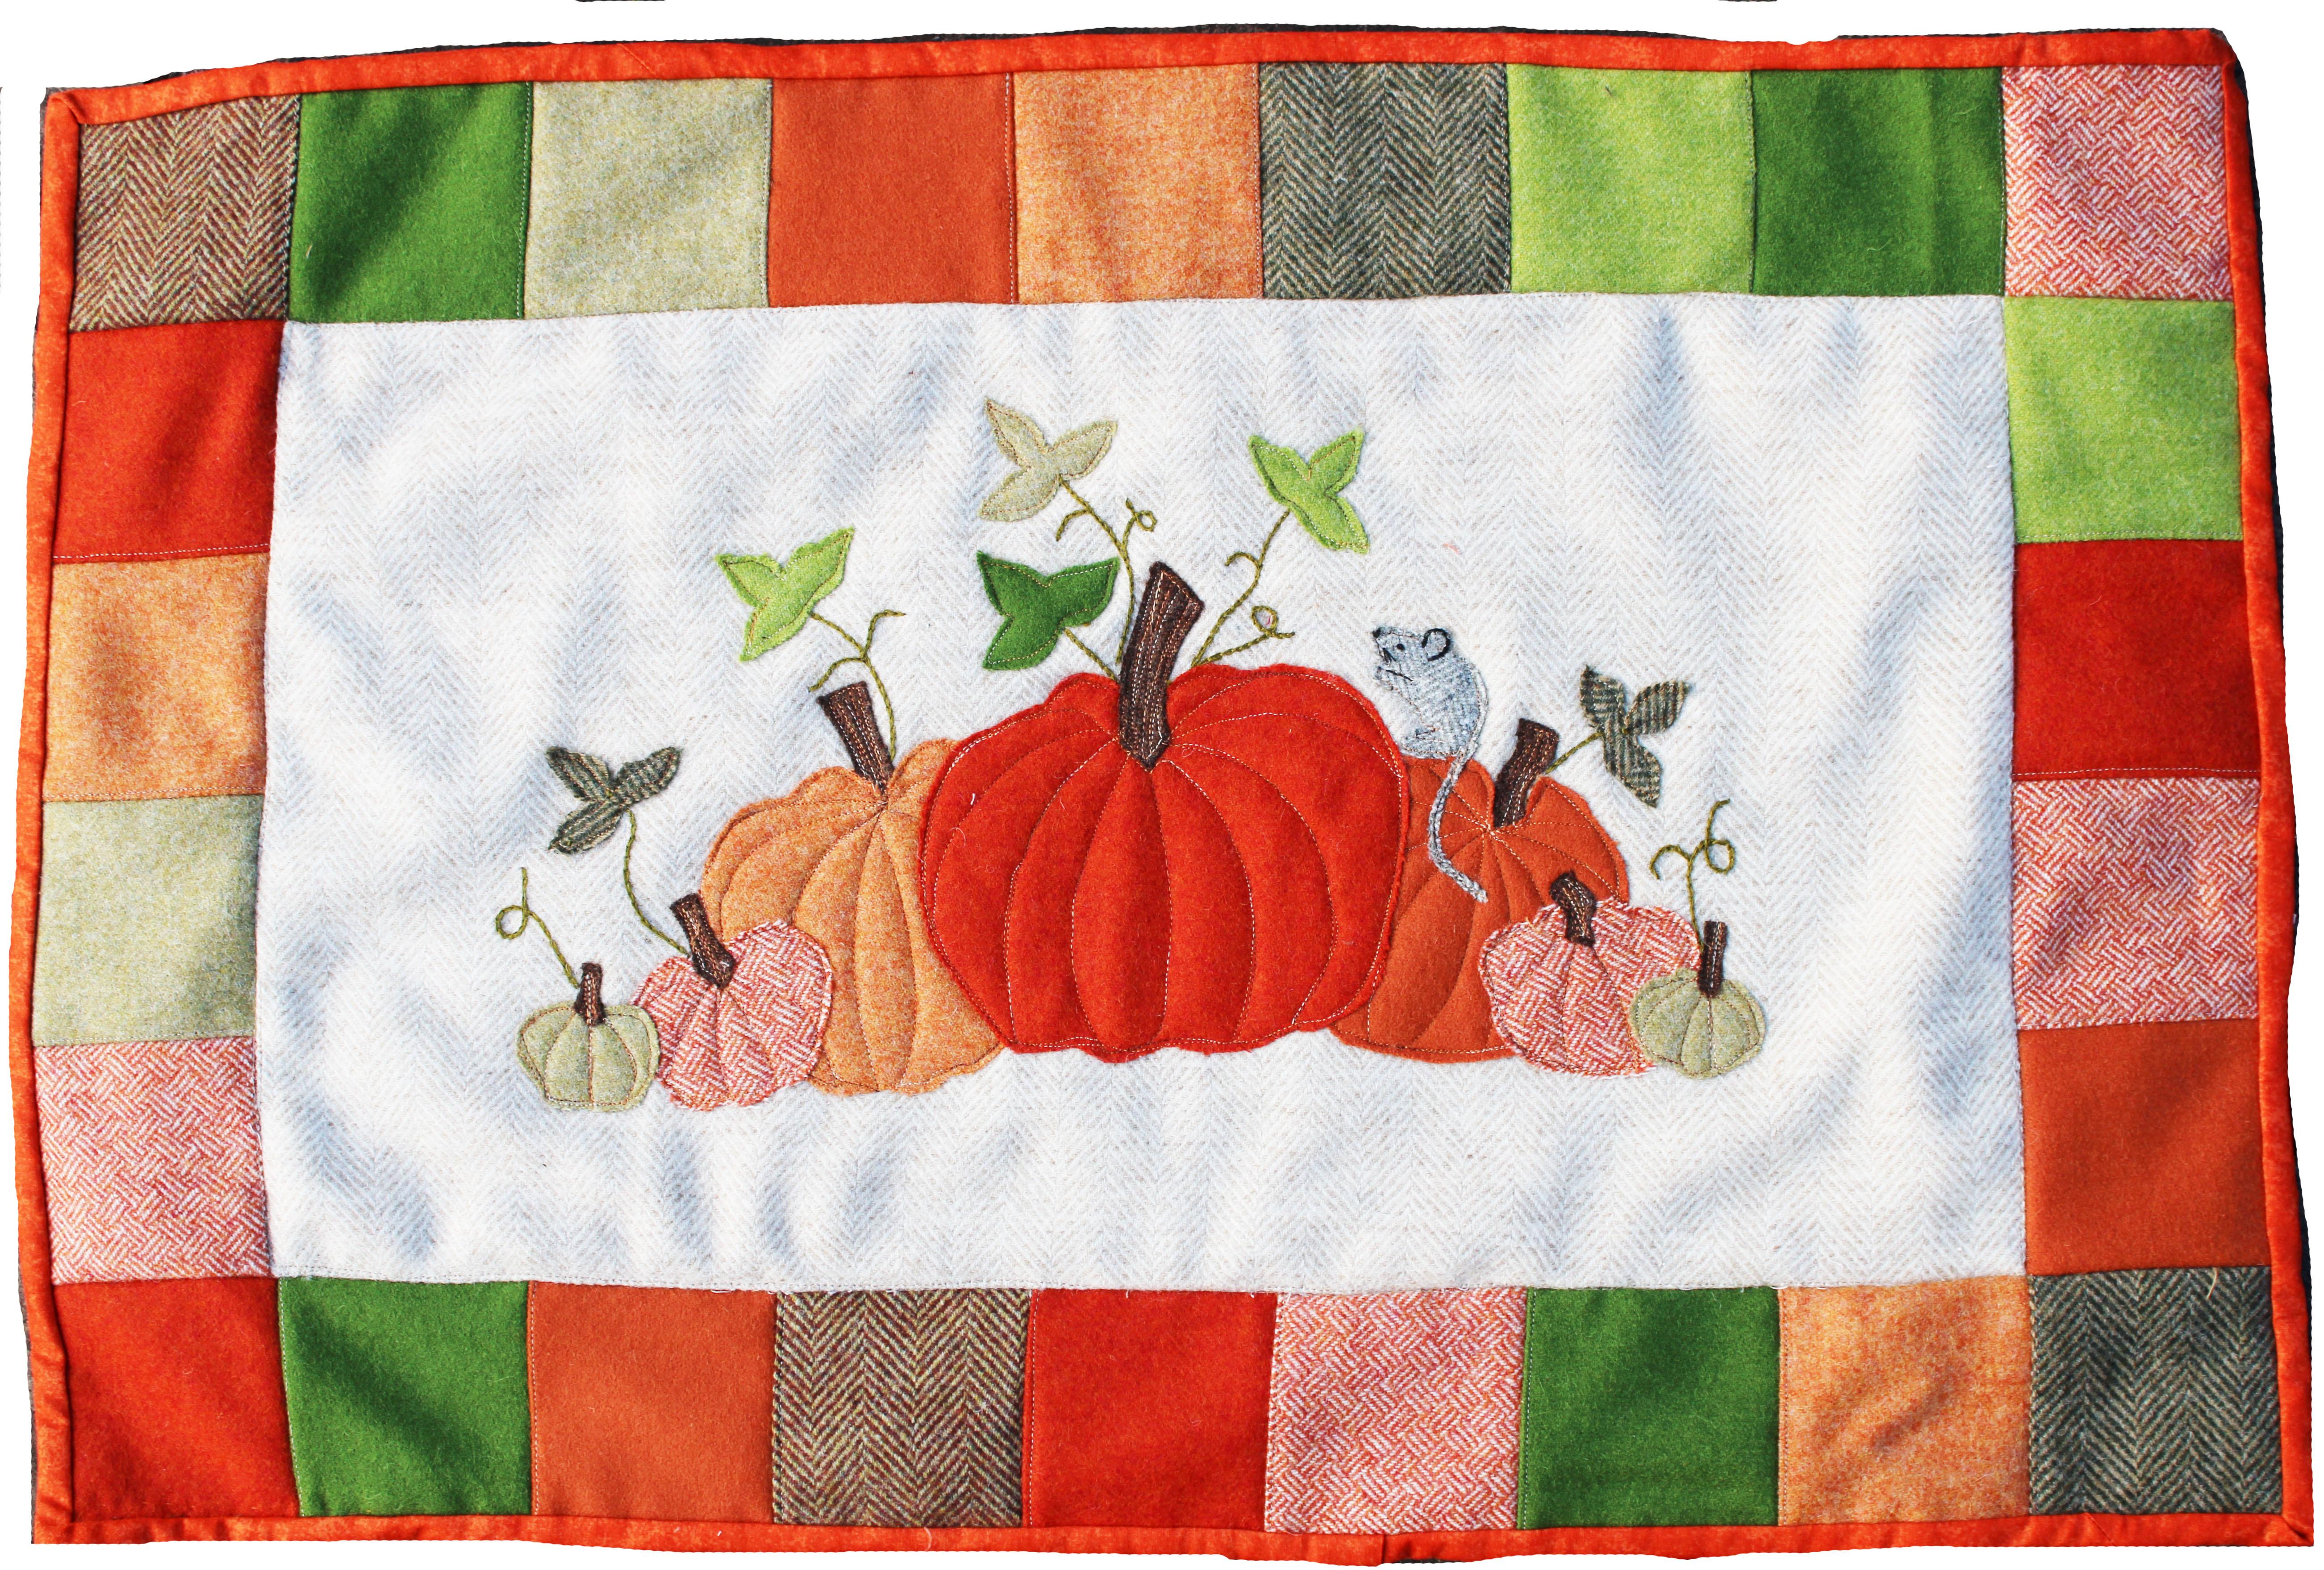 Squash, Pumpkin Wall Hanging Applique Pack